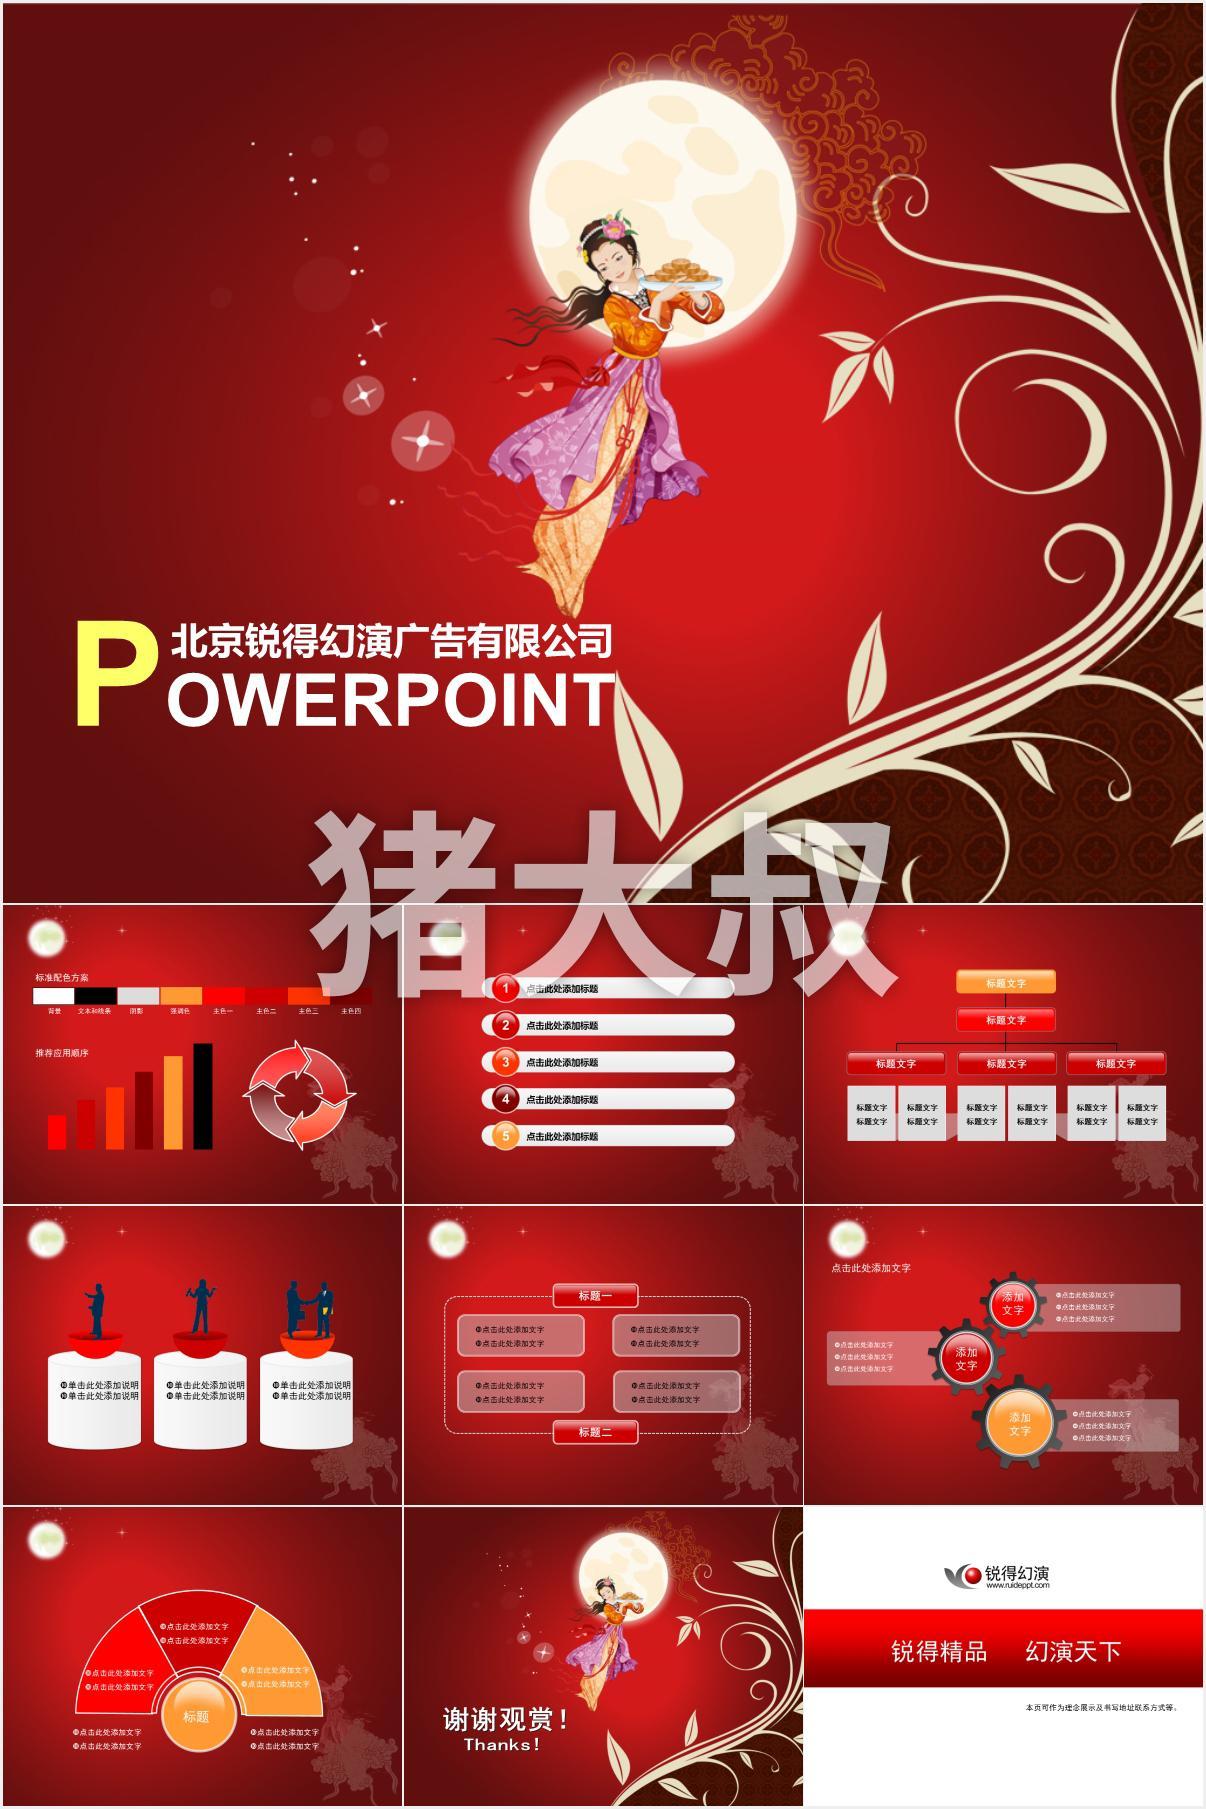 中国特色节日庆典PPT模板下载